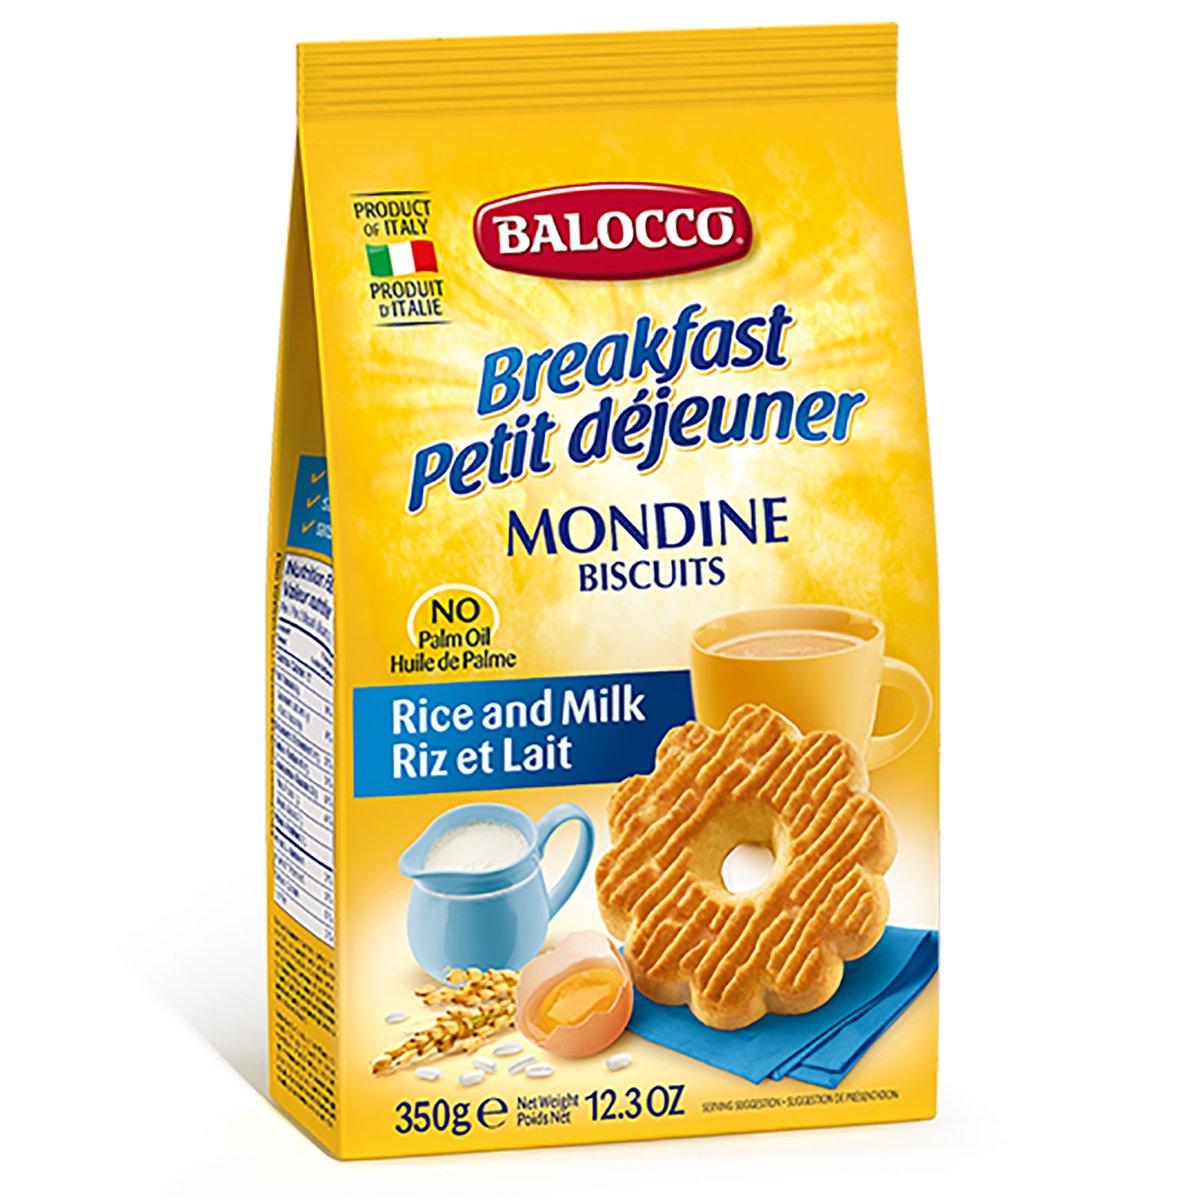 Biscuiti cu lapte Balocco Mondine, 350 g imagine